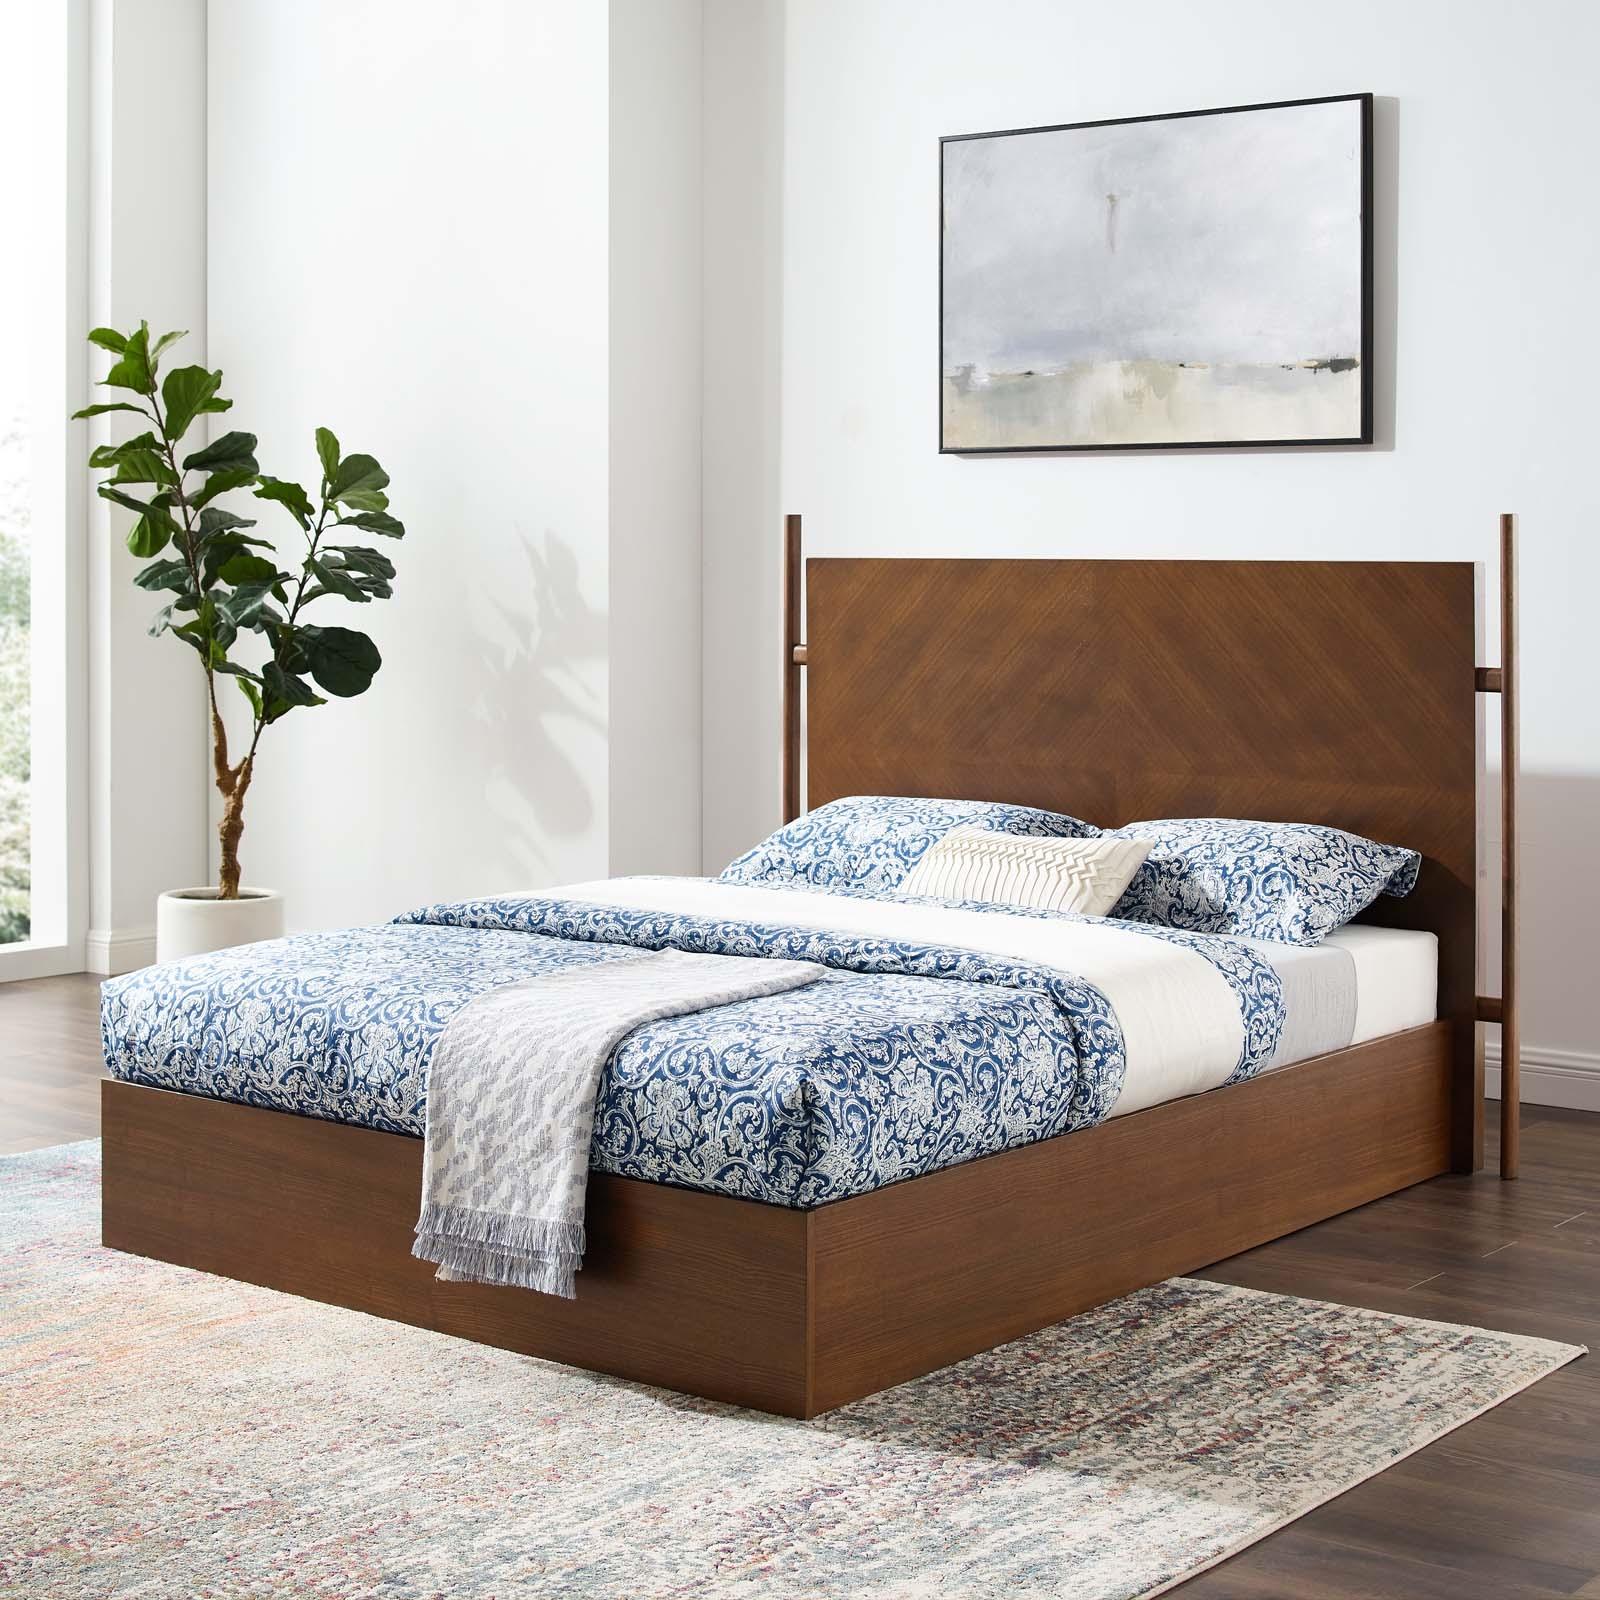 Kali Wood Queen Platform Bed in Walnut